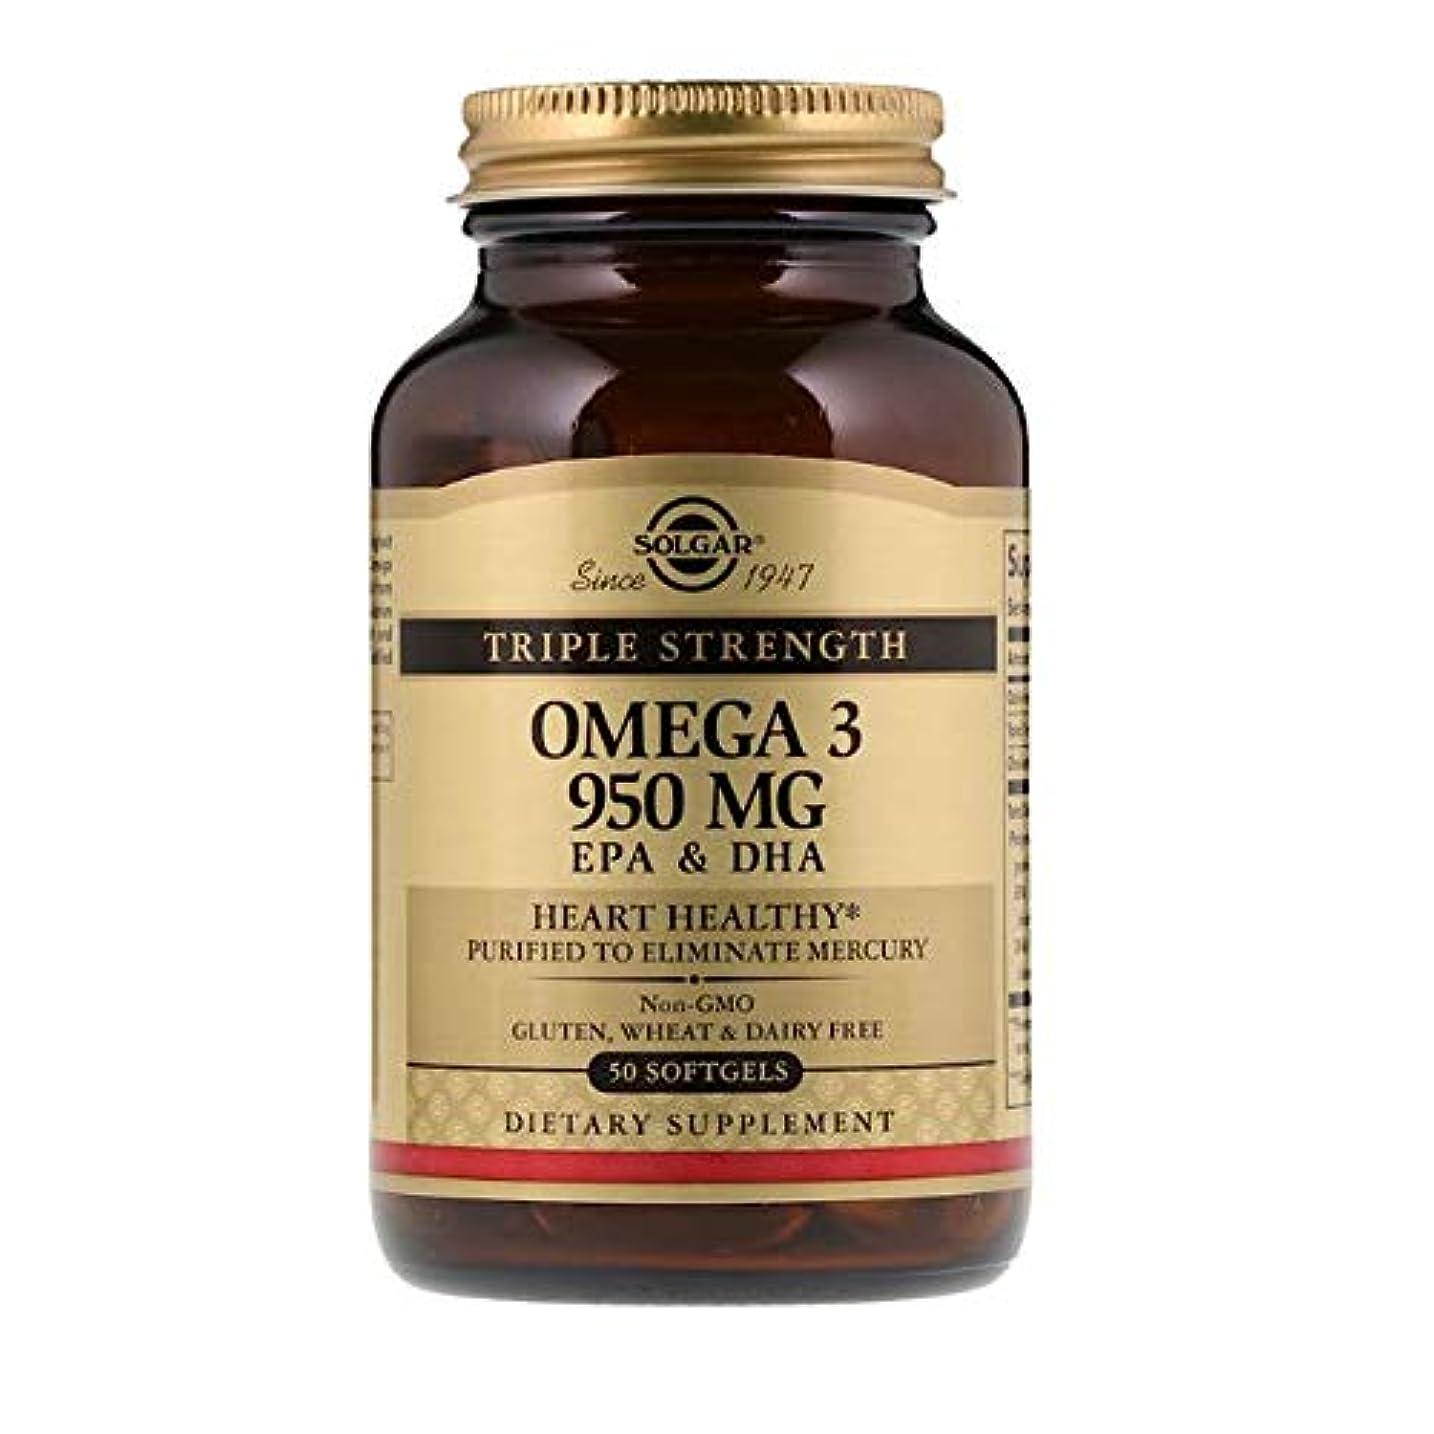 木製残酷陰気Solgar オメガ 3 EPA DHA トリプルストレングス 950mg 50ソフトジェル 【アメリカ直送】